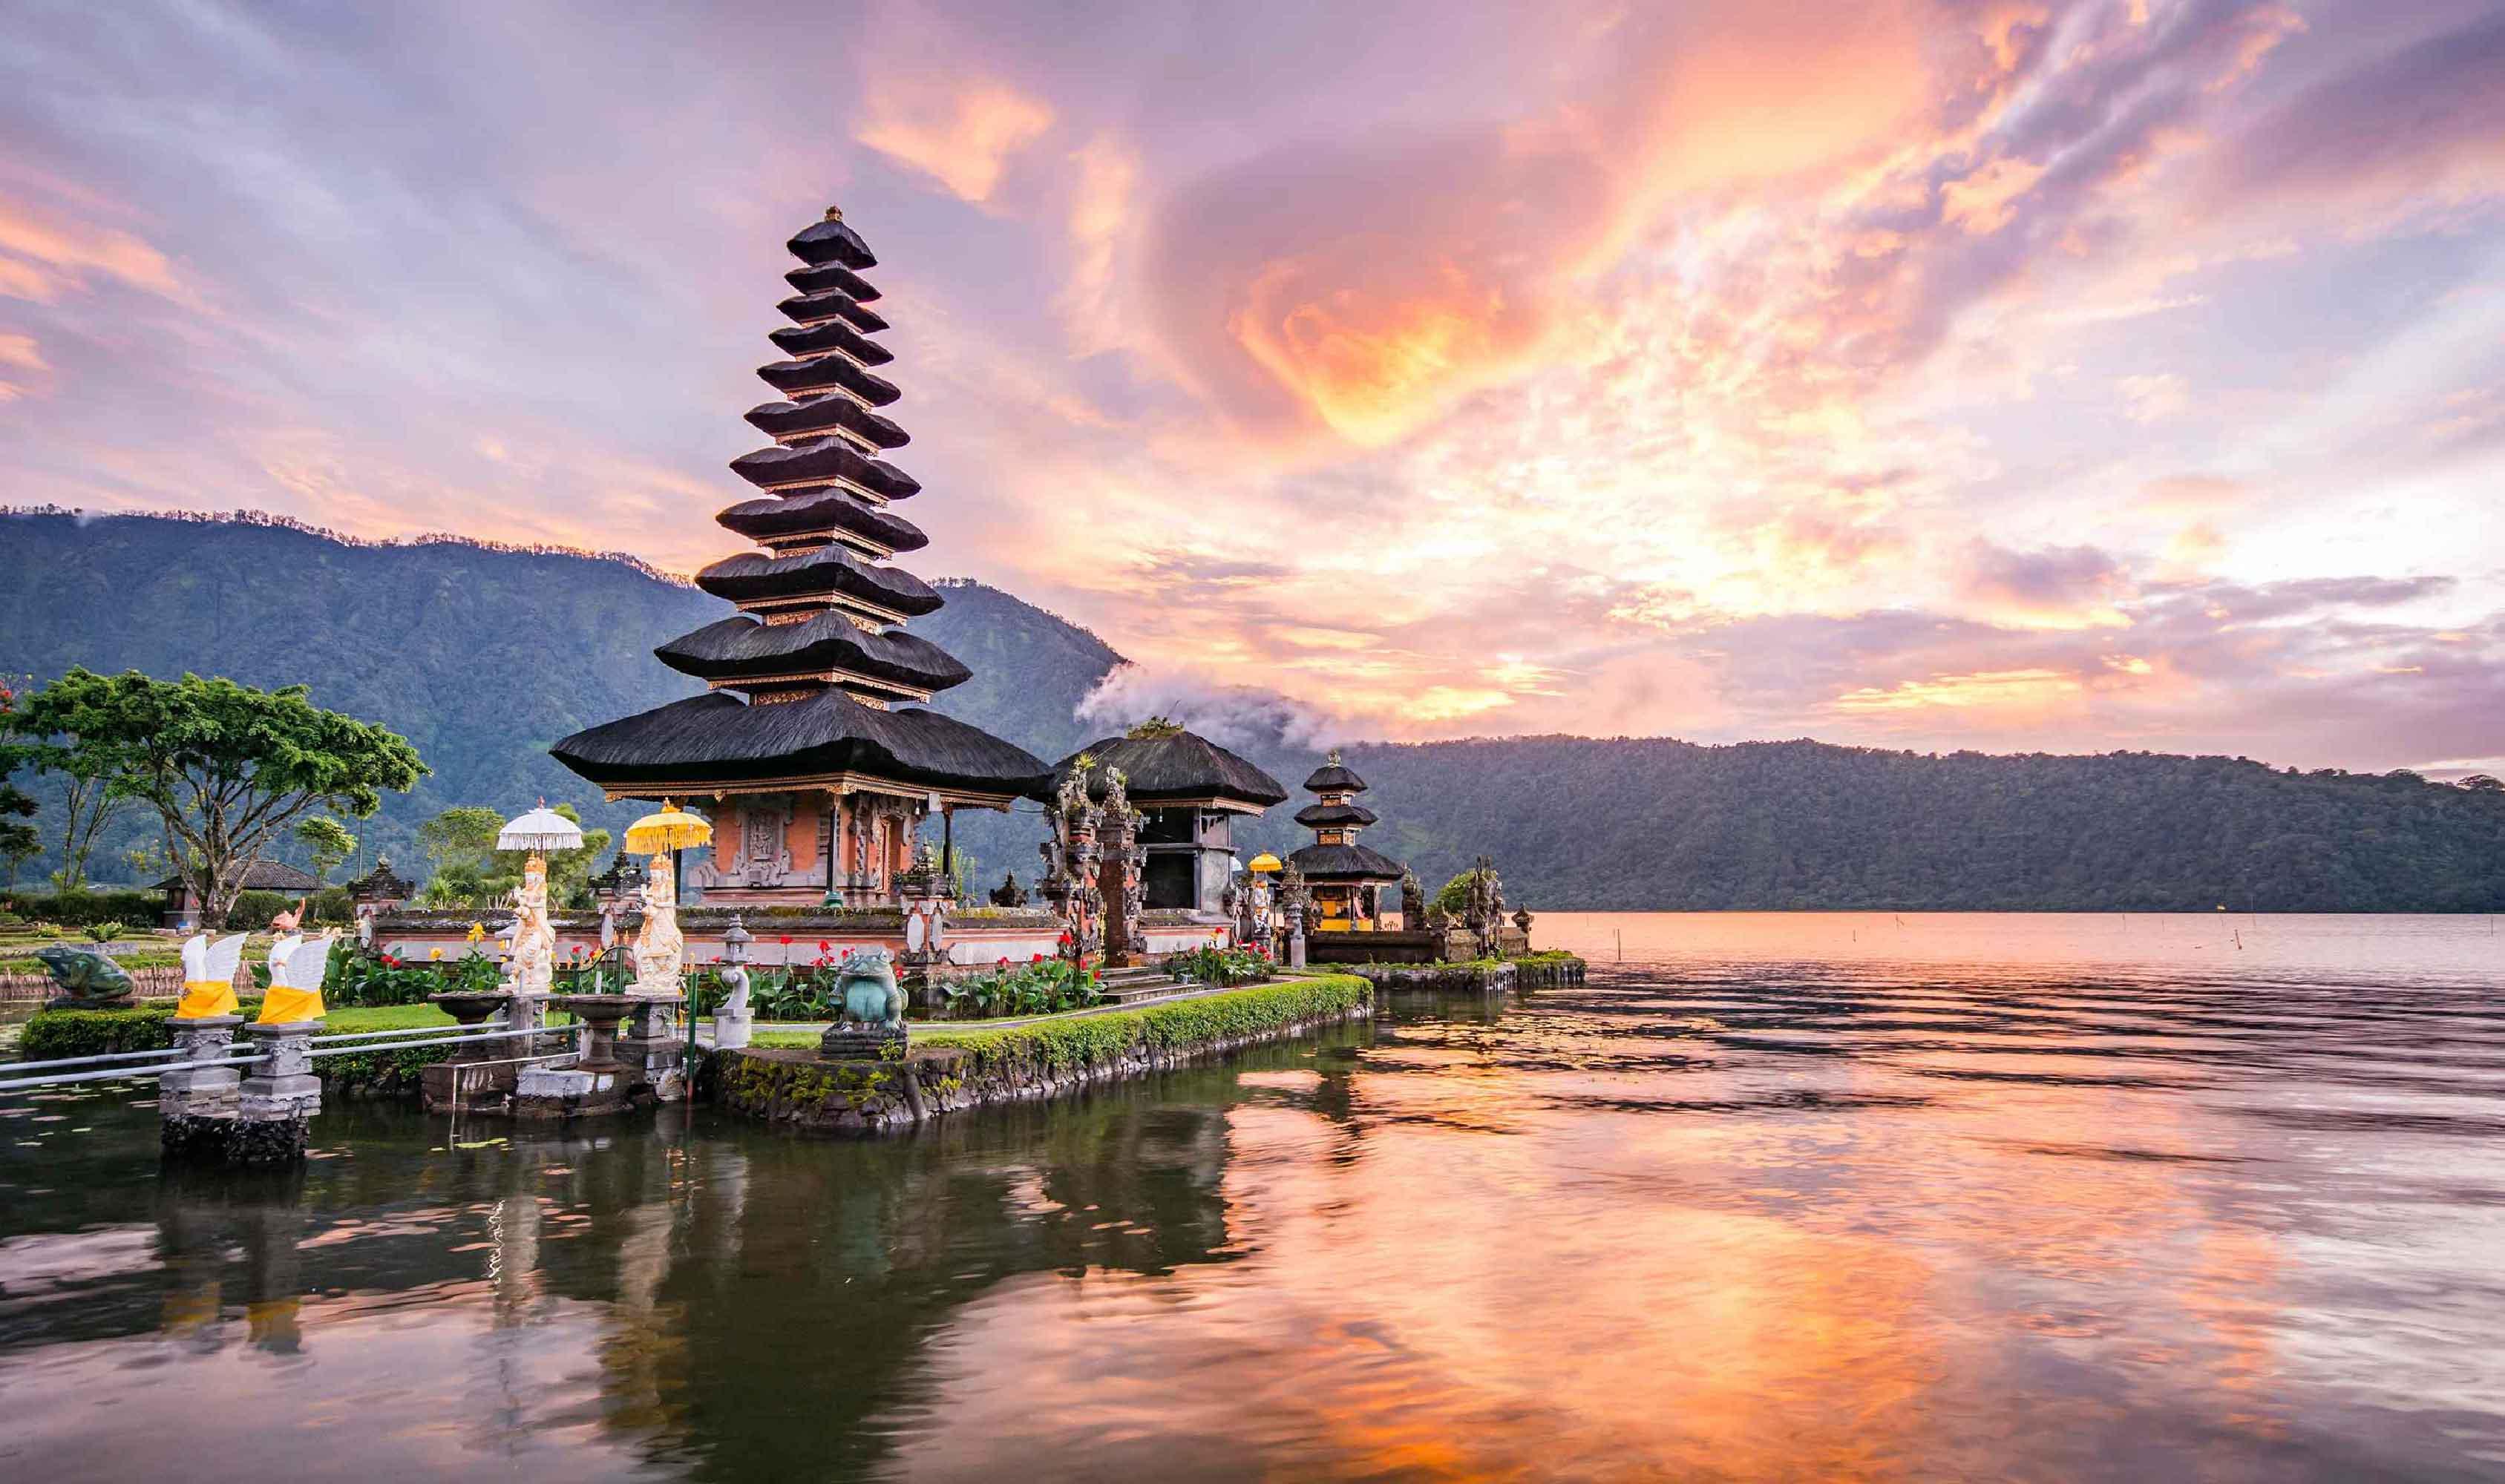 ทัวร์บาหลี Borobudur Besakih 5 วัน 4 คืน บินการบินไทย(TG)